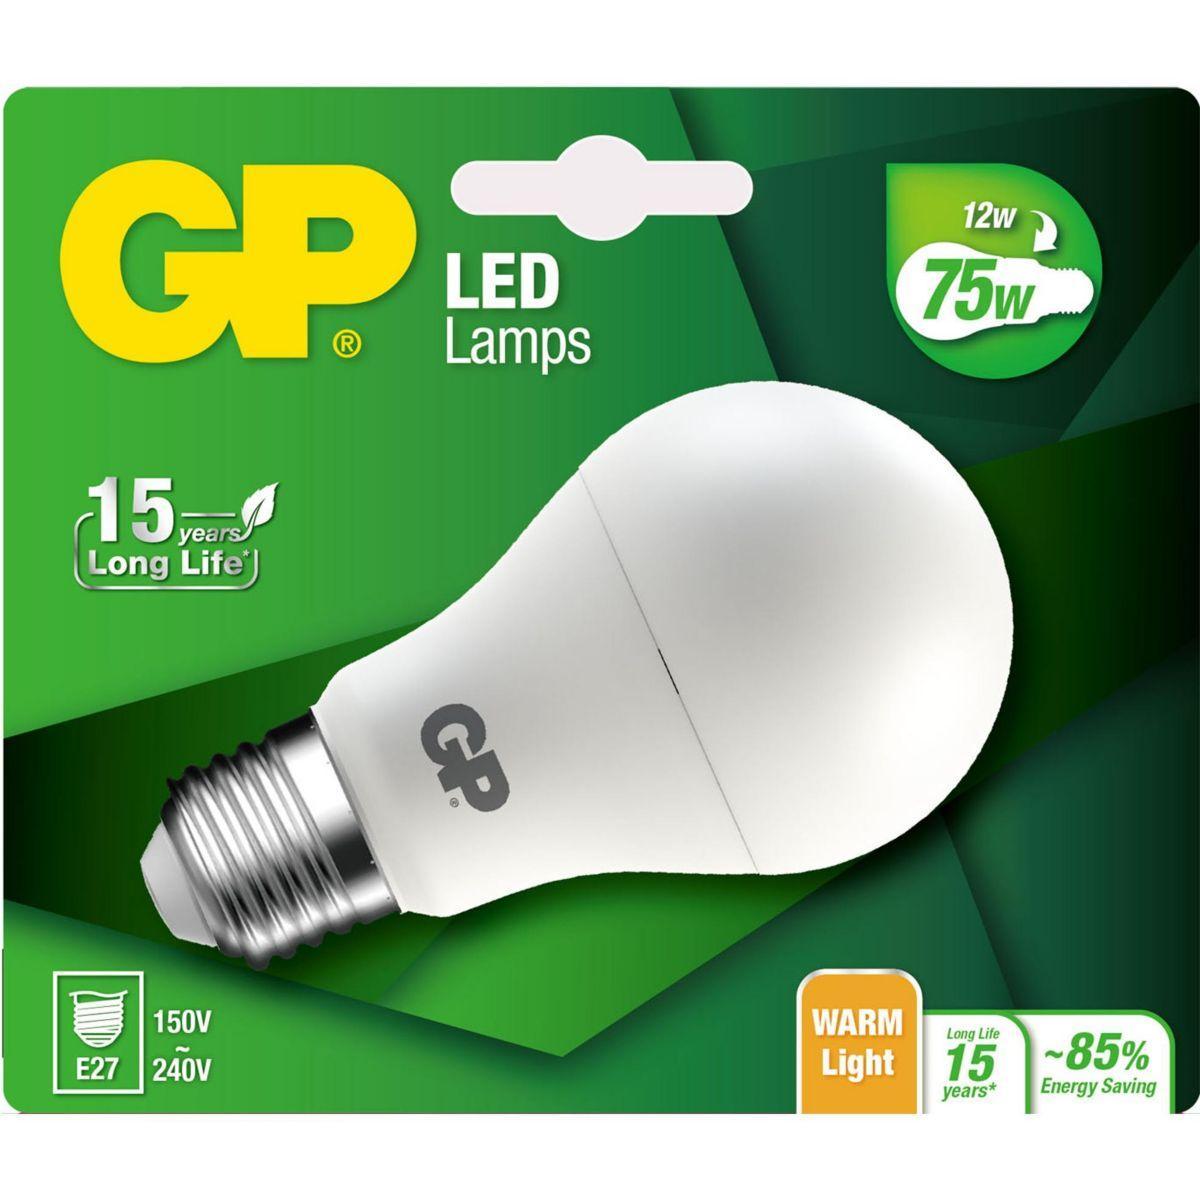 Ampoule gp led classic e27 12w-75w - 3% de remise immédiate avec le code : multi3